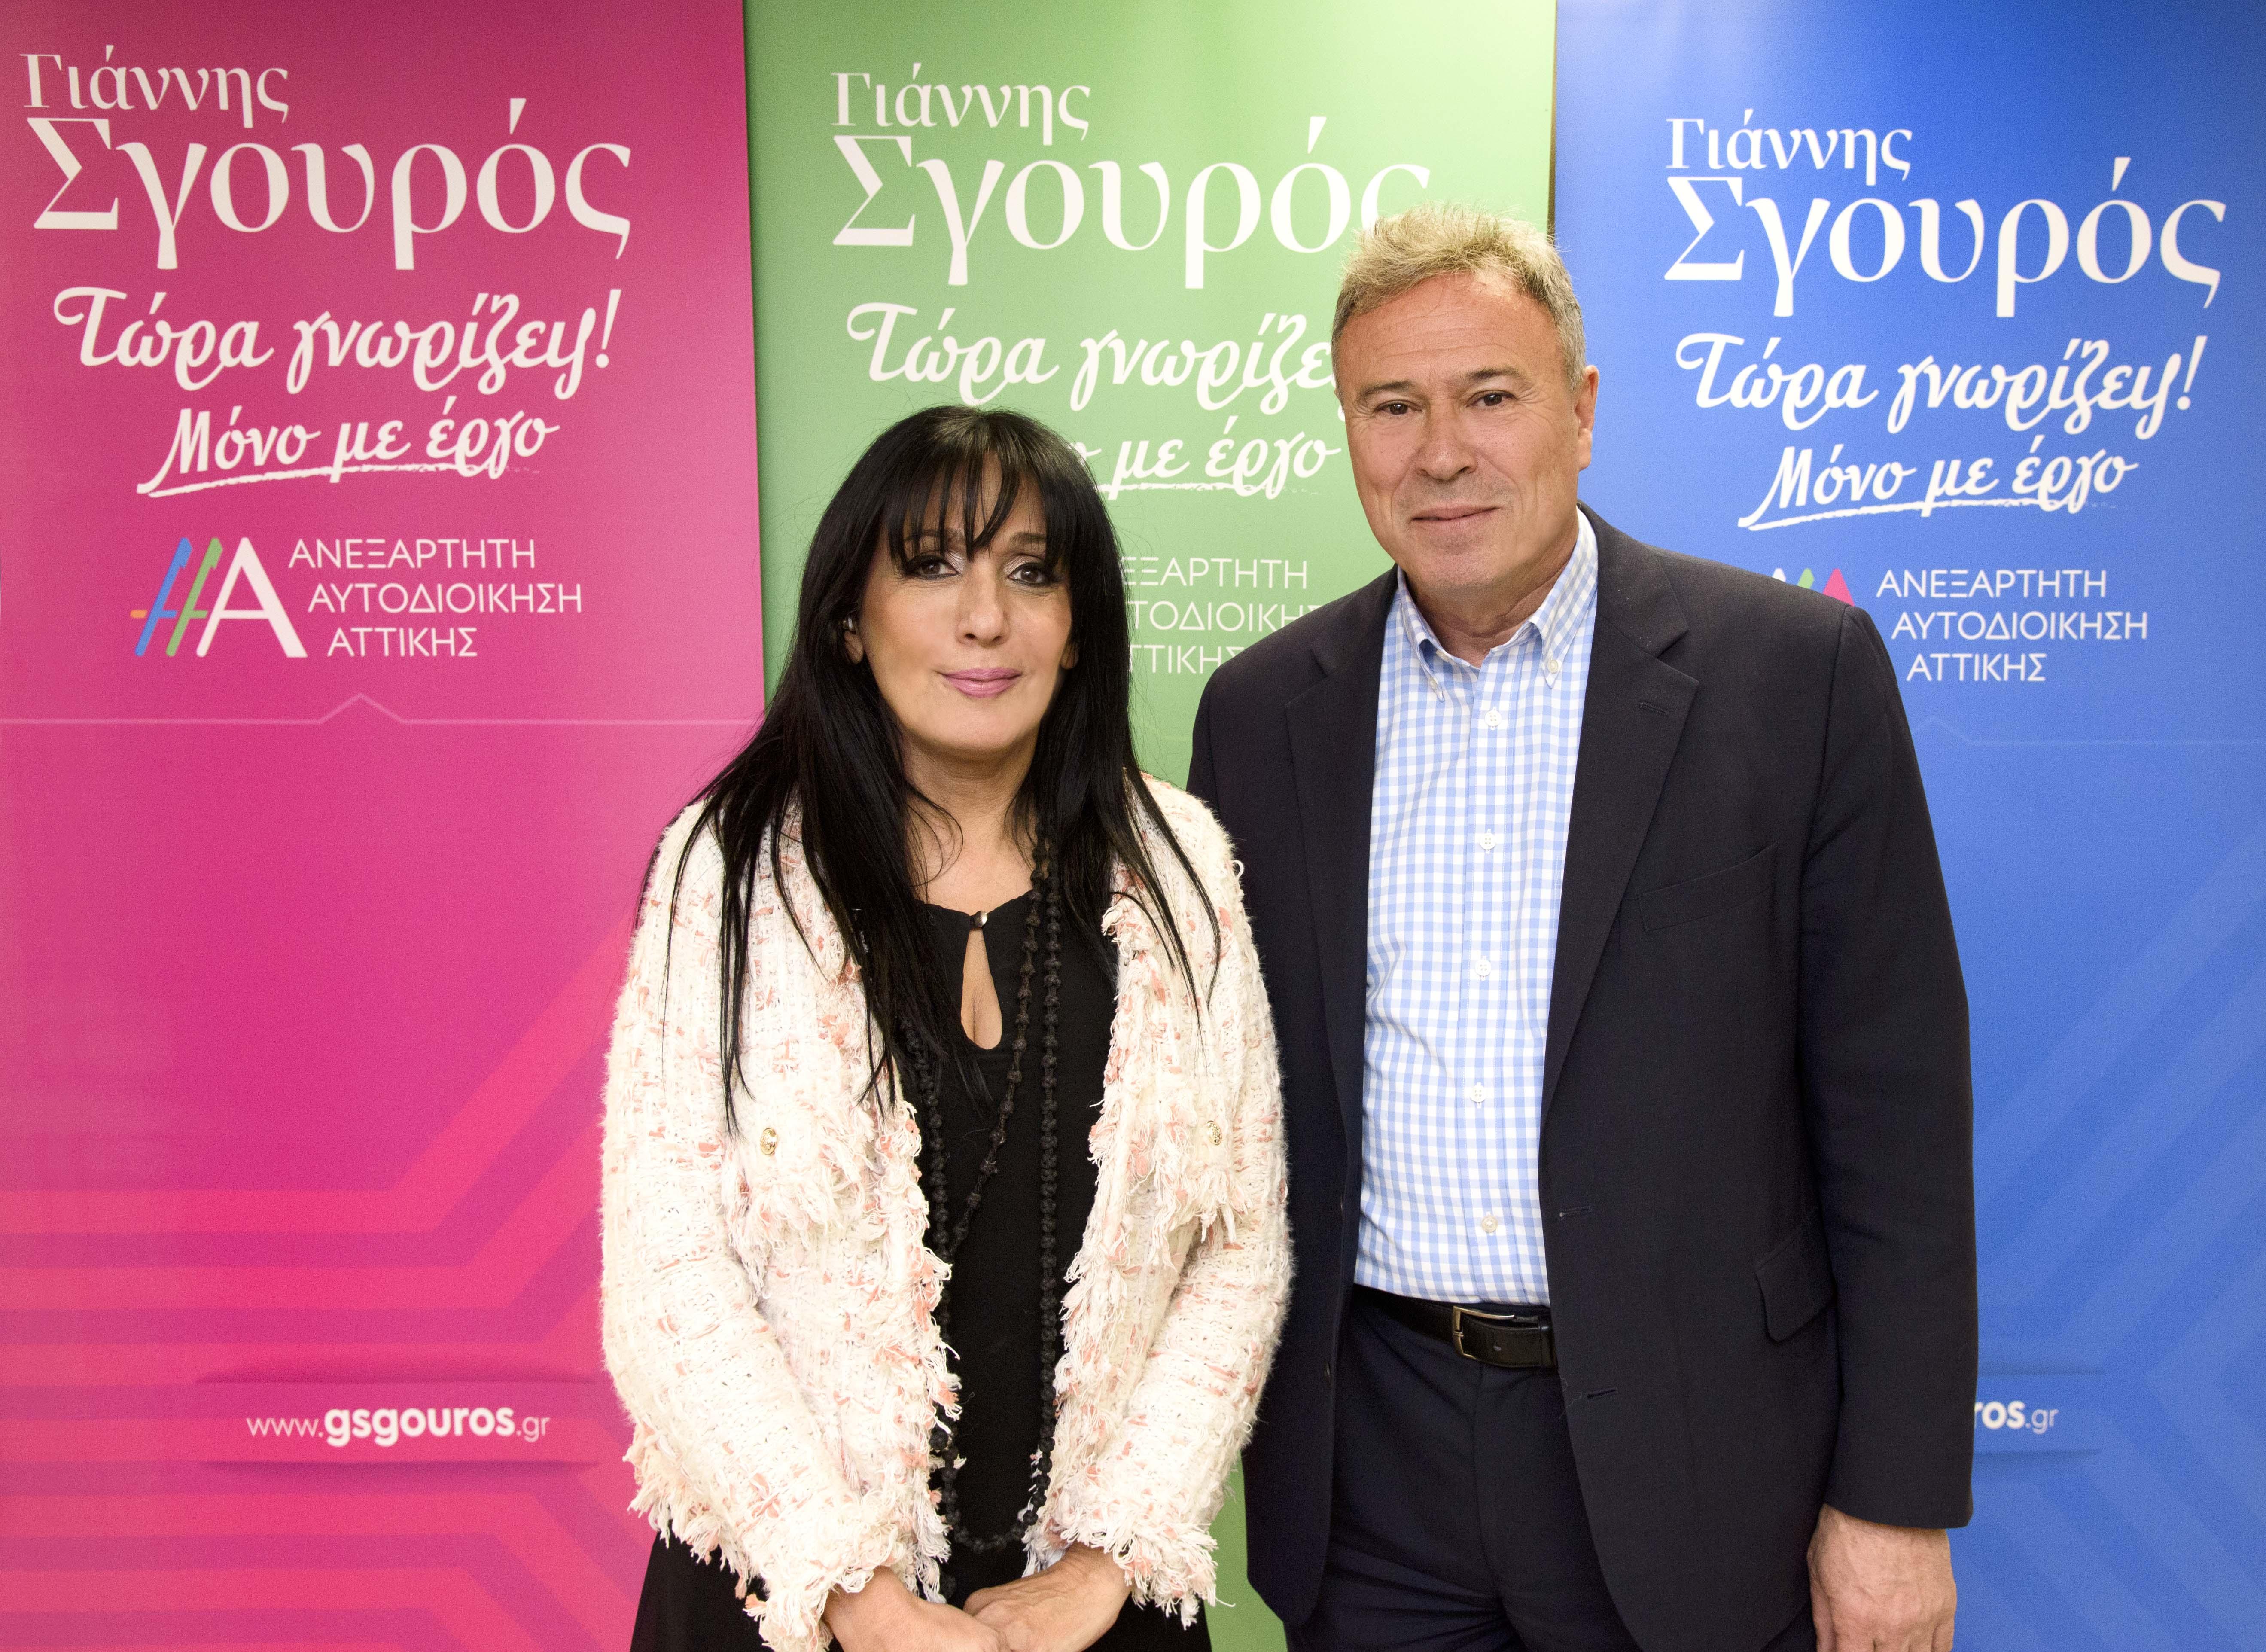 Η Κατερίνα Αδαμοπούλου - Κουτσογιάννη υποψήφια με τον Γ. Σγουρό